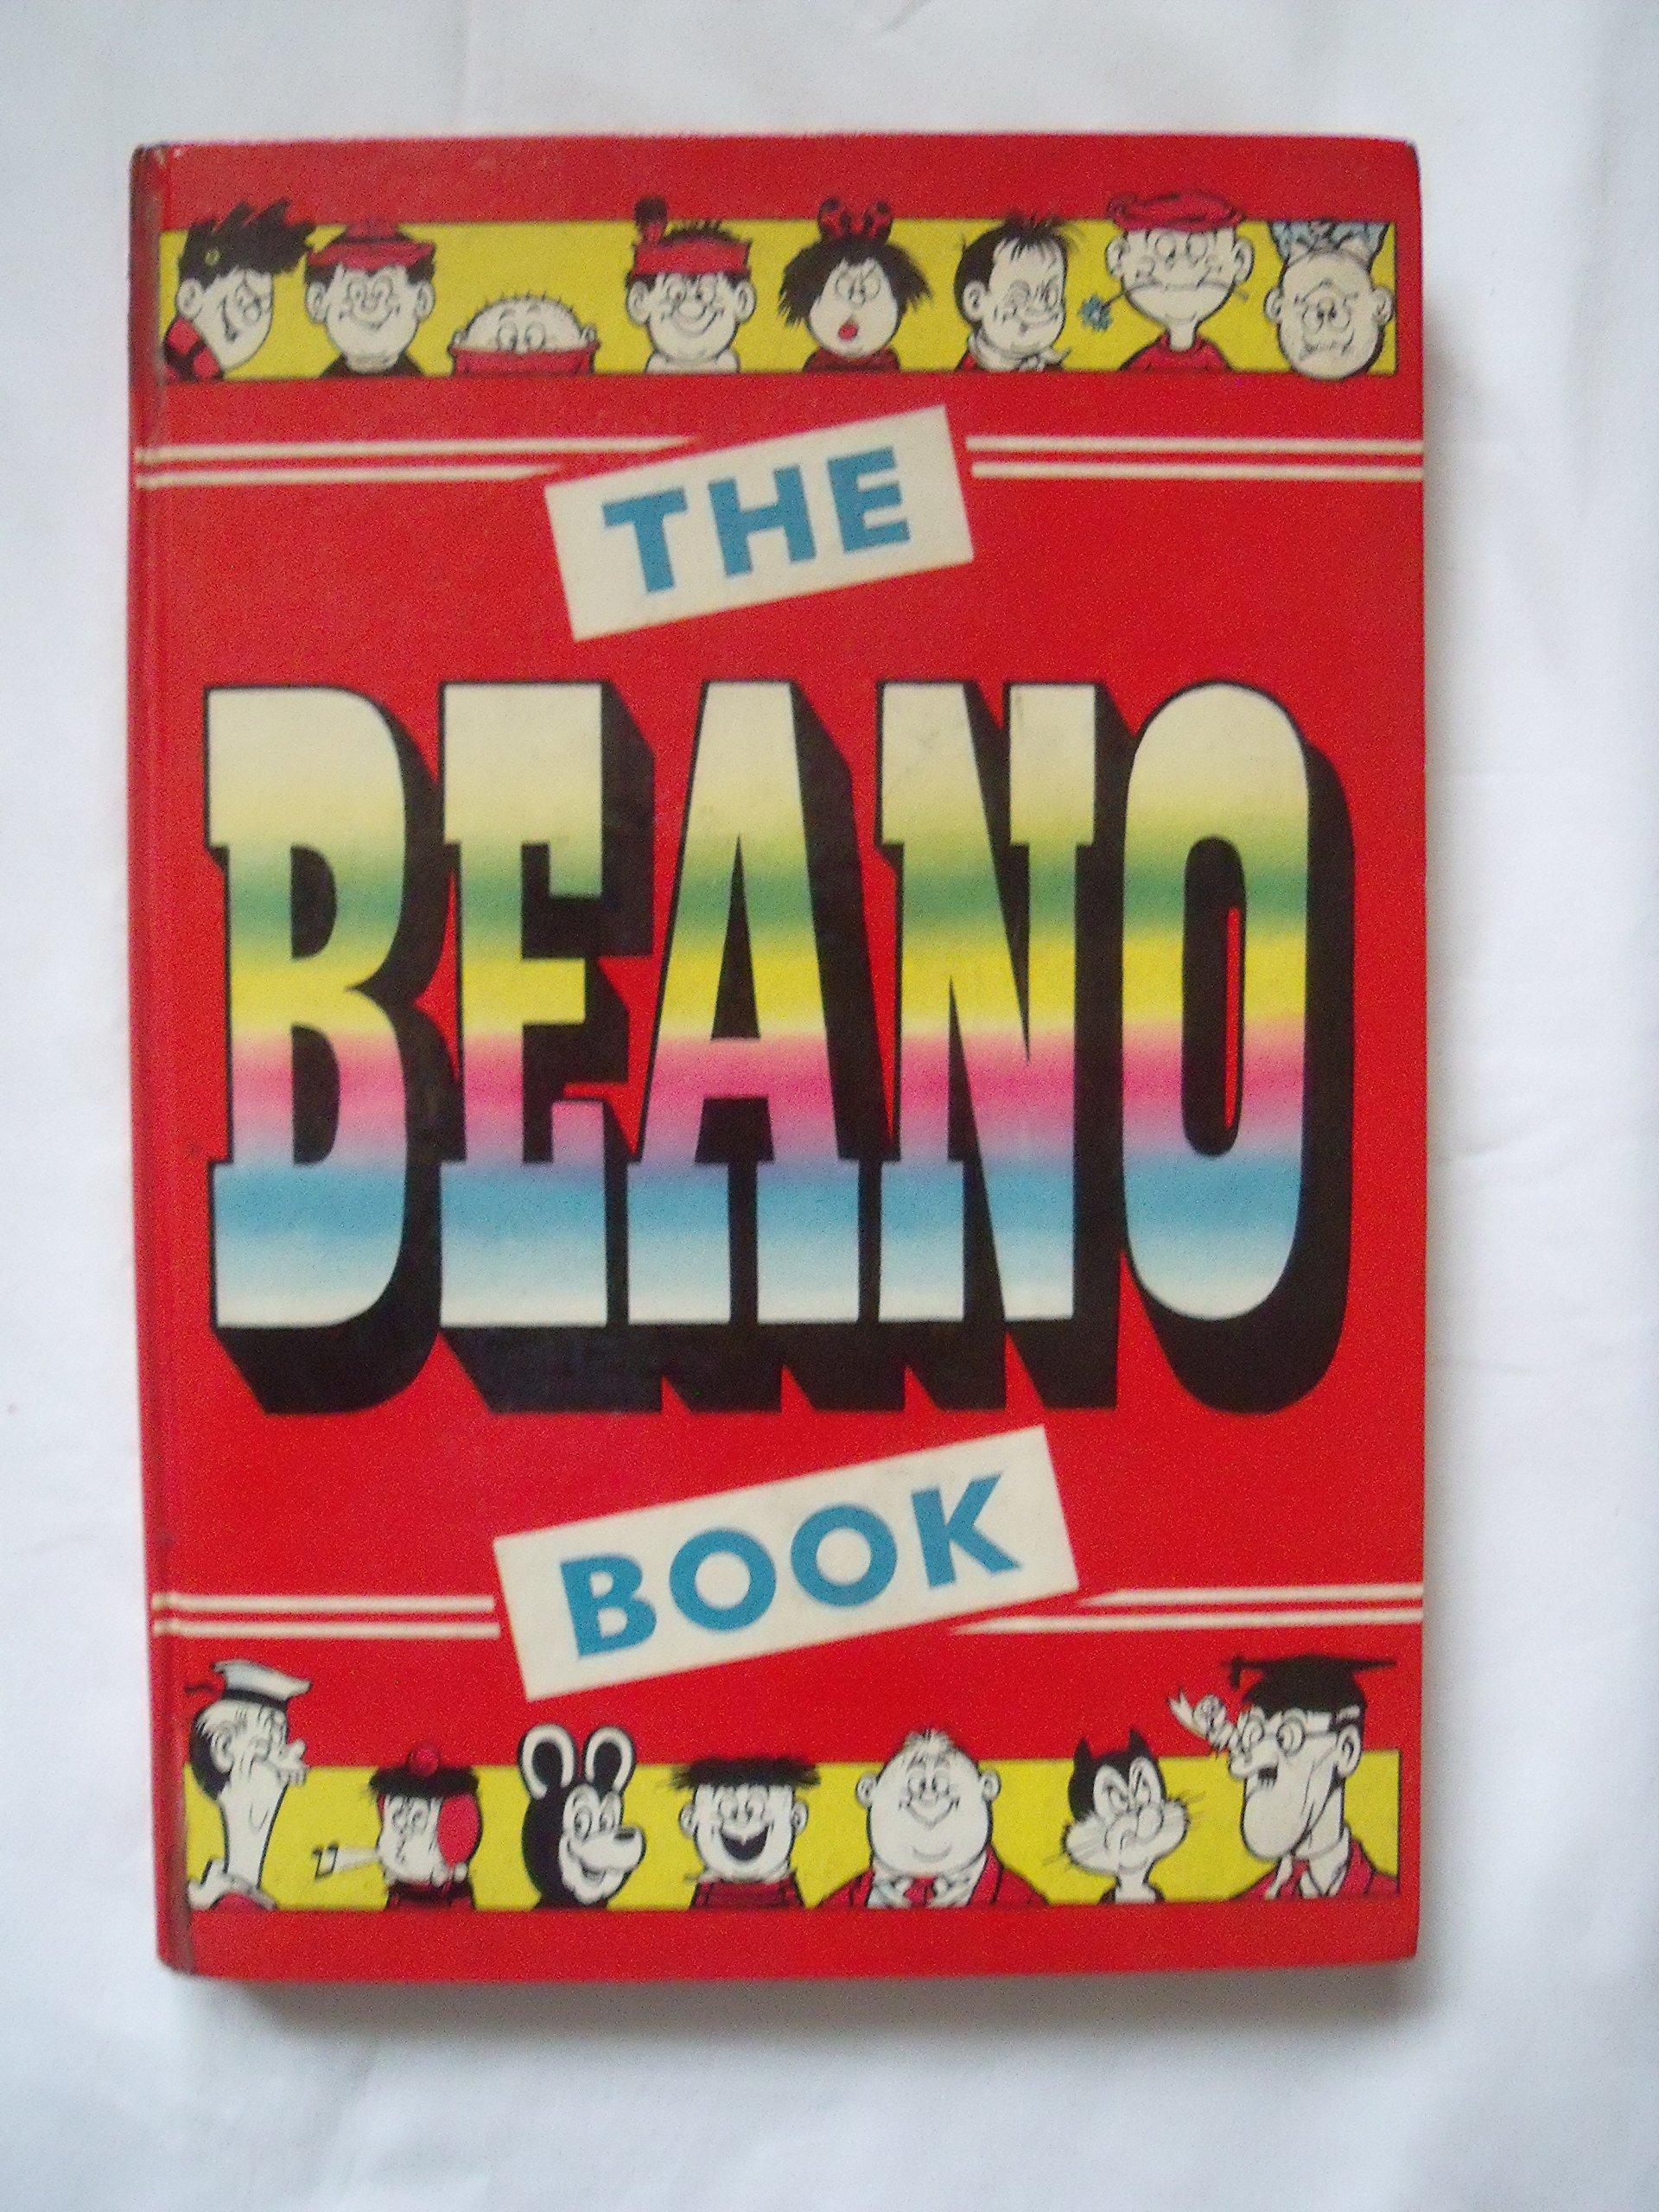 Book 1961 The Beano Book 1961